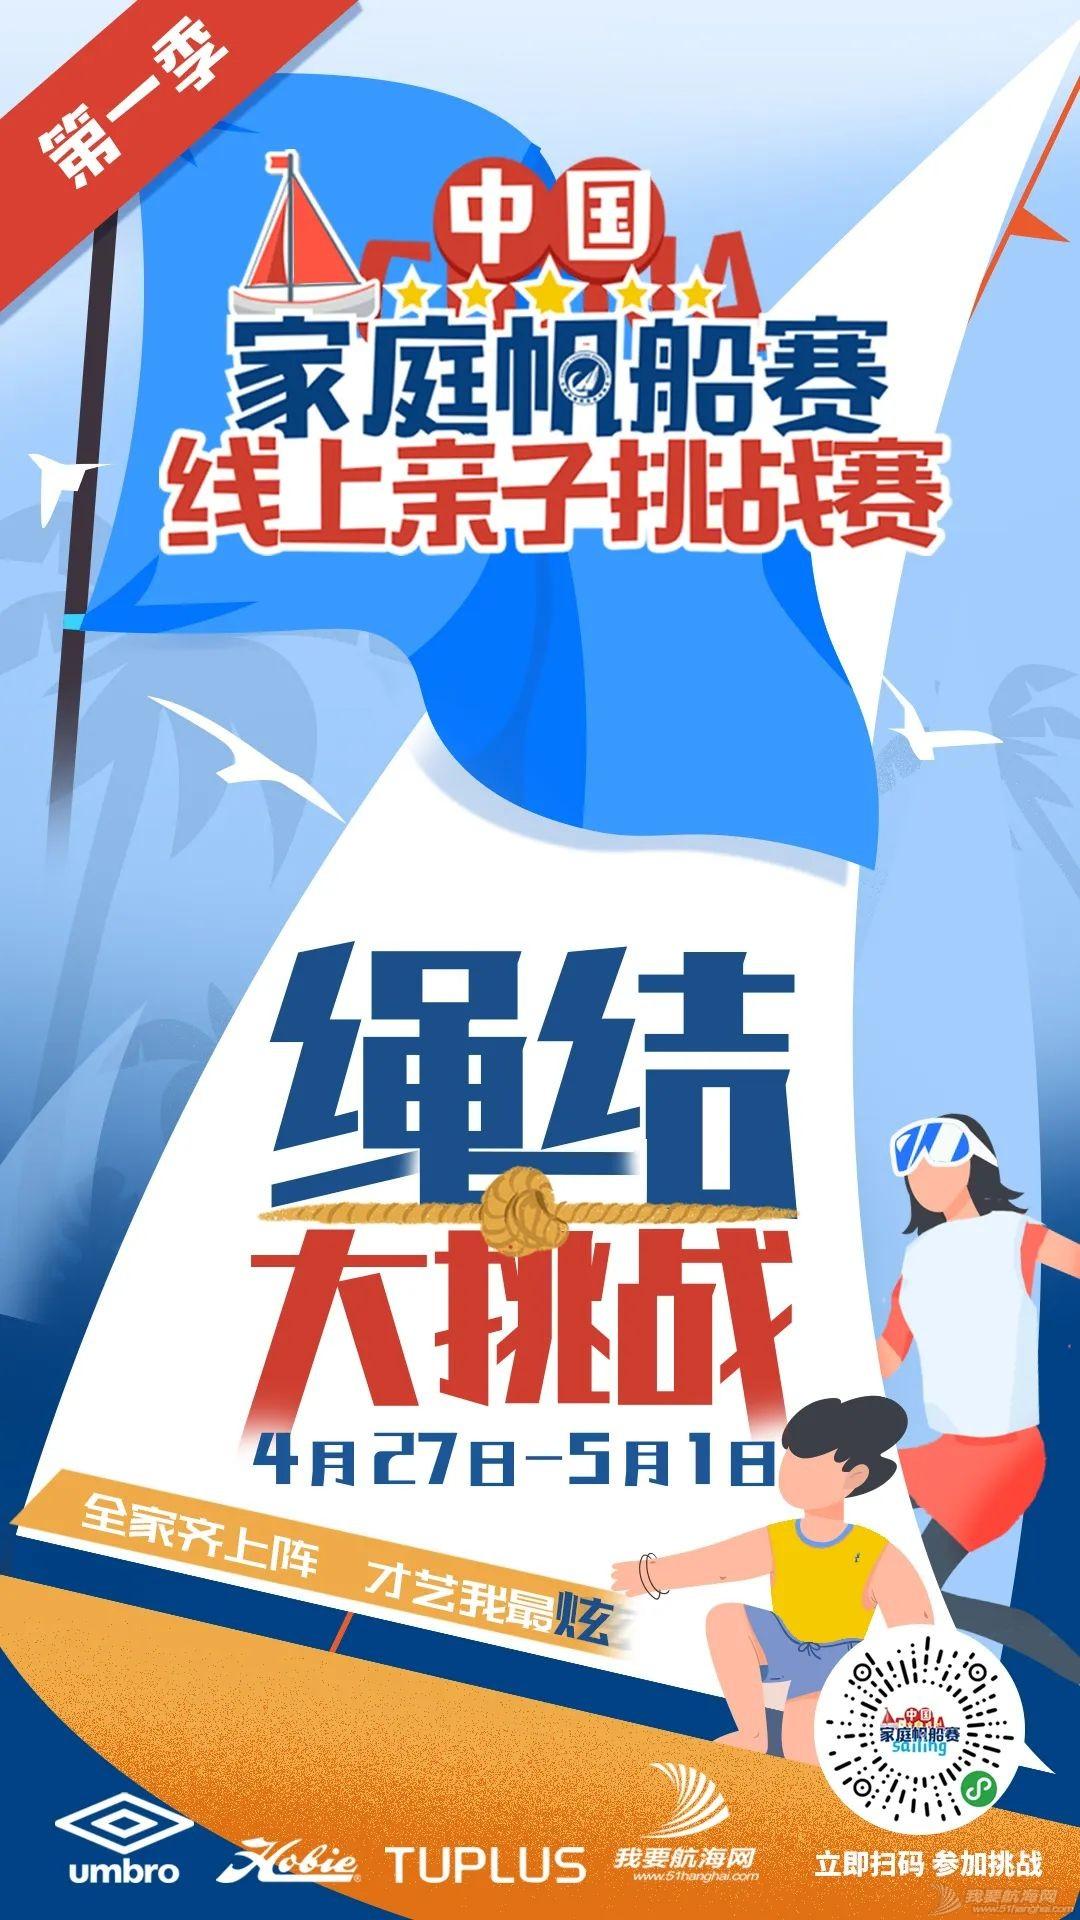 2020中国家庭帆船赛线上亲子挑战赛第一季绳结挑战赛来啦!w1.jpg